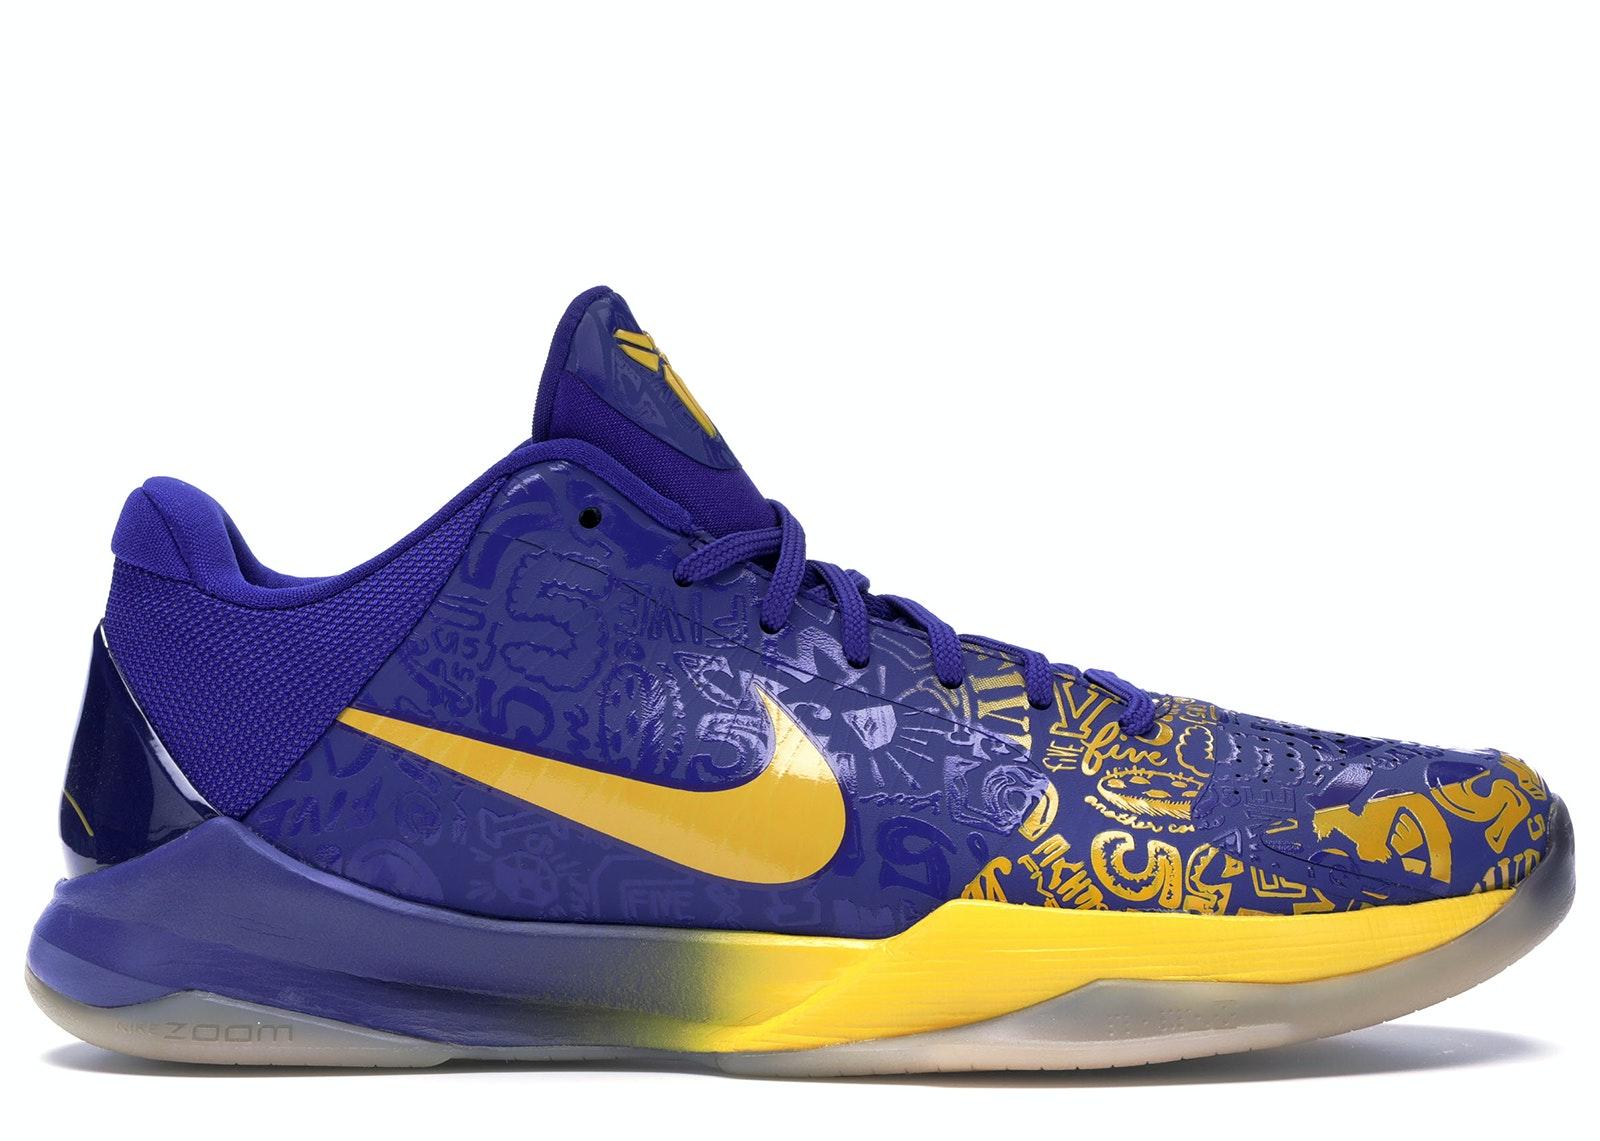 Kobe 5 5 Rings